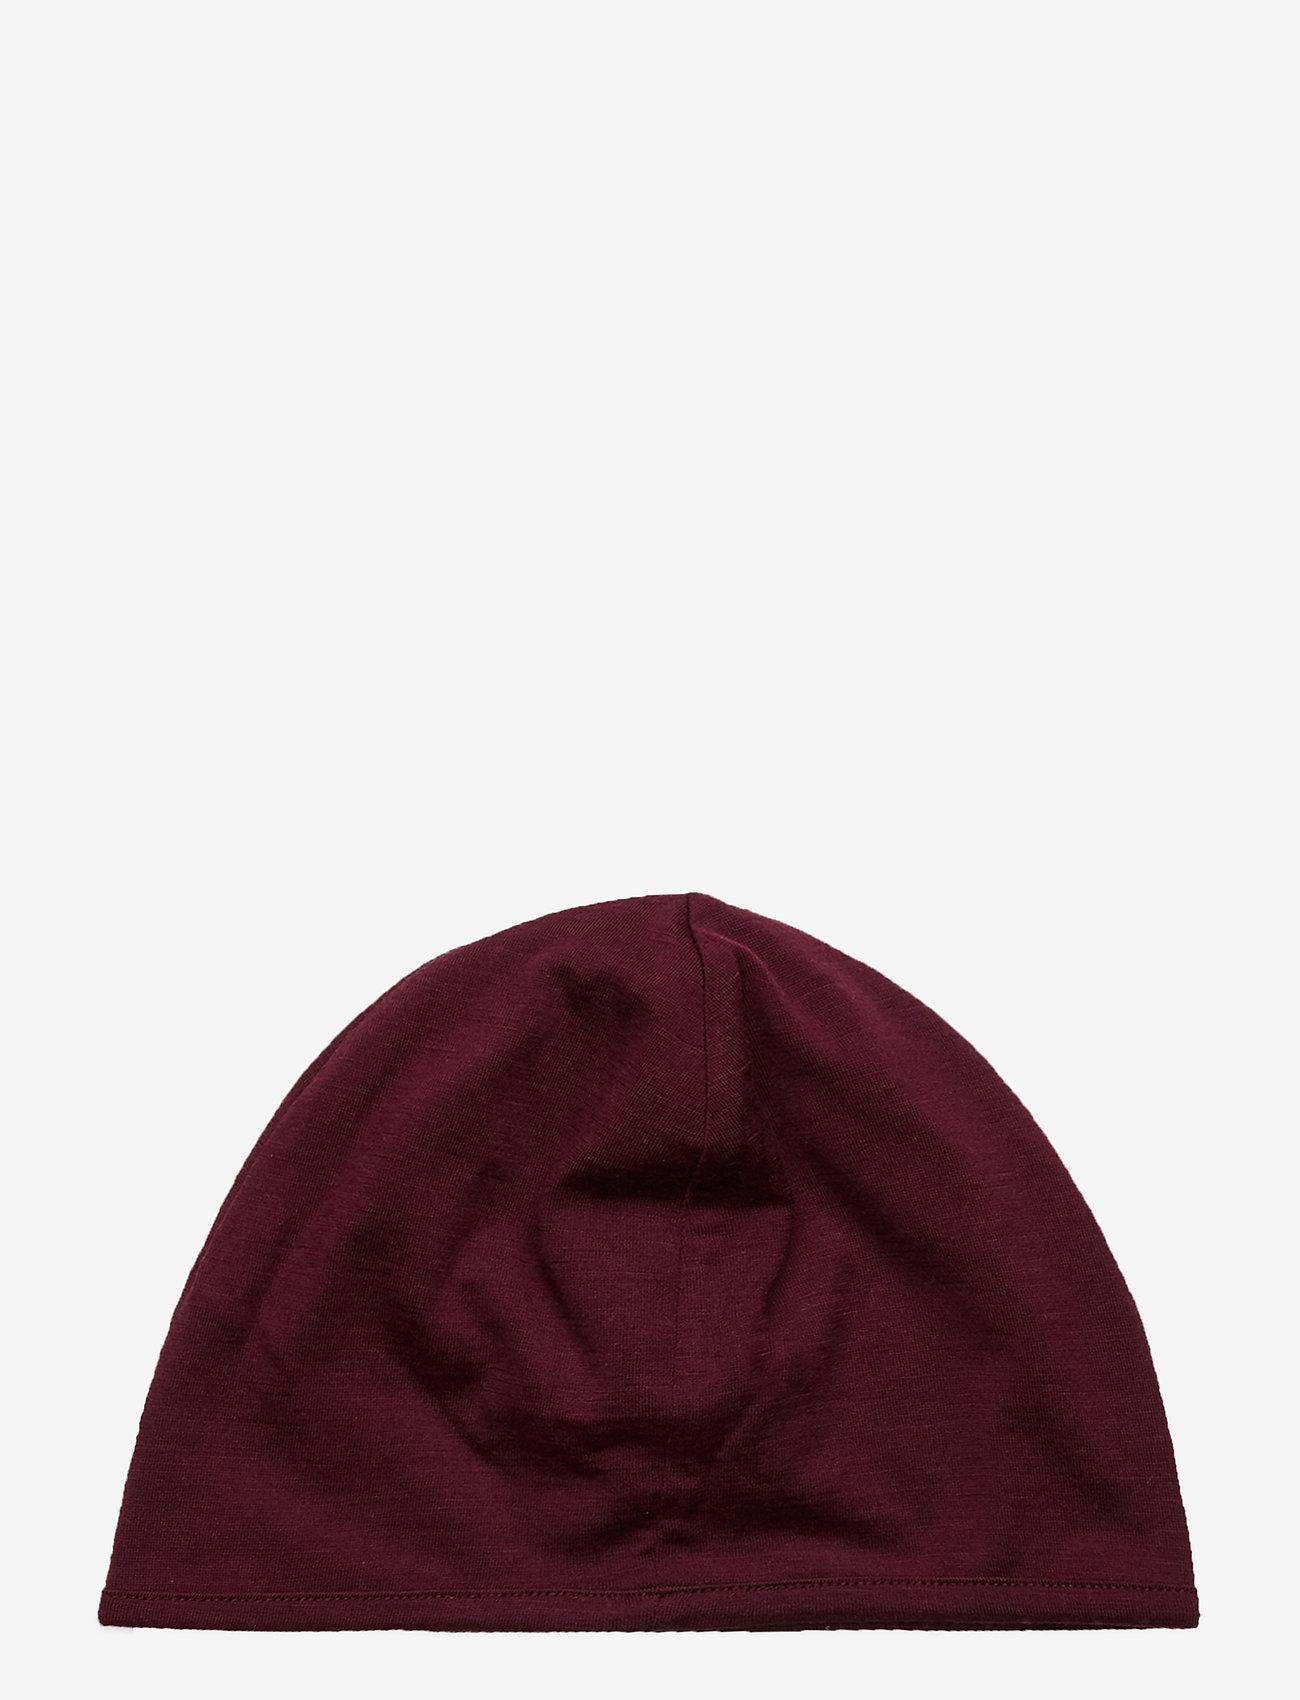 Adult Pocket Hat (Redwood) (20.97 €) - Icebreaker ct2n3